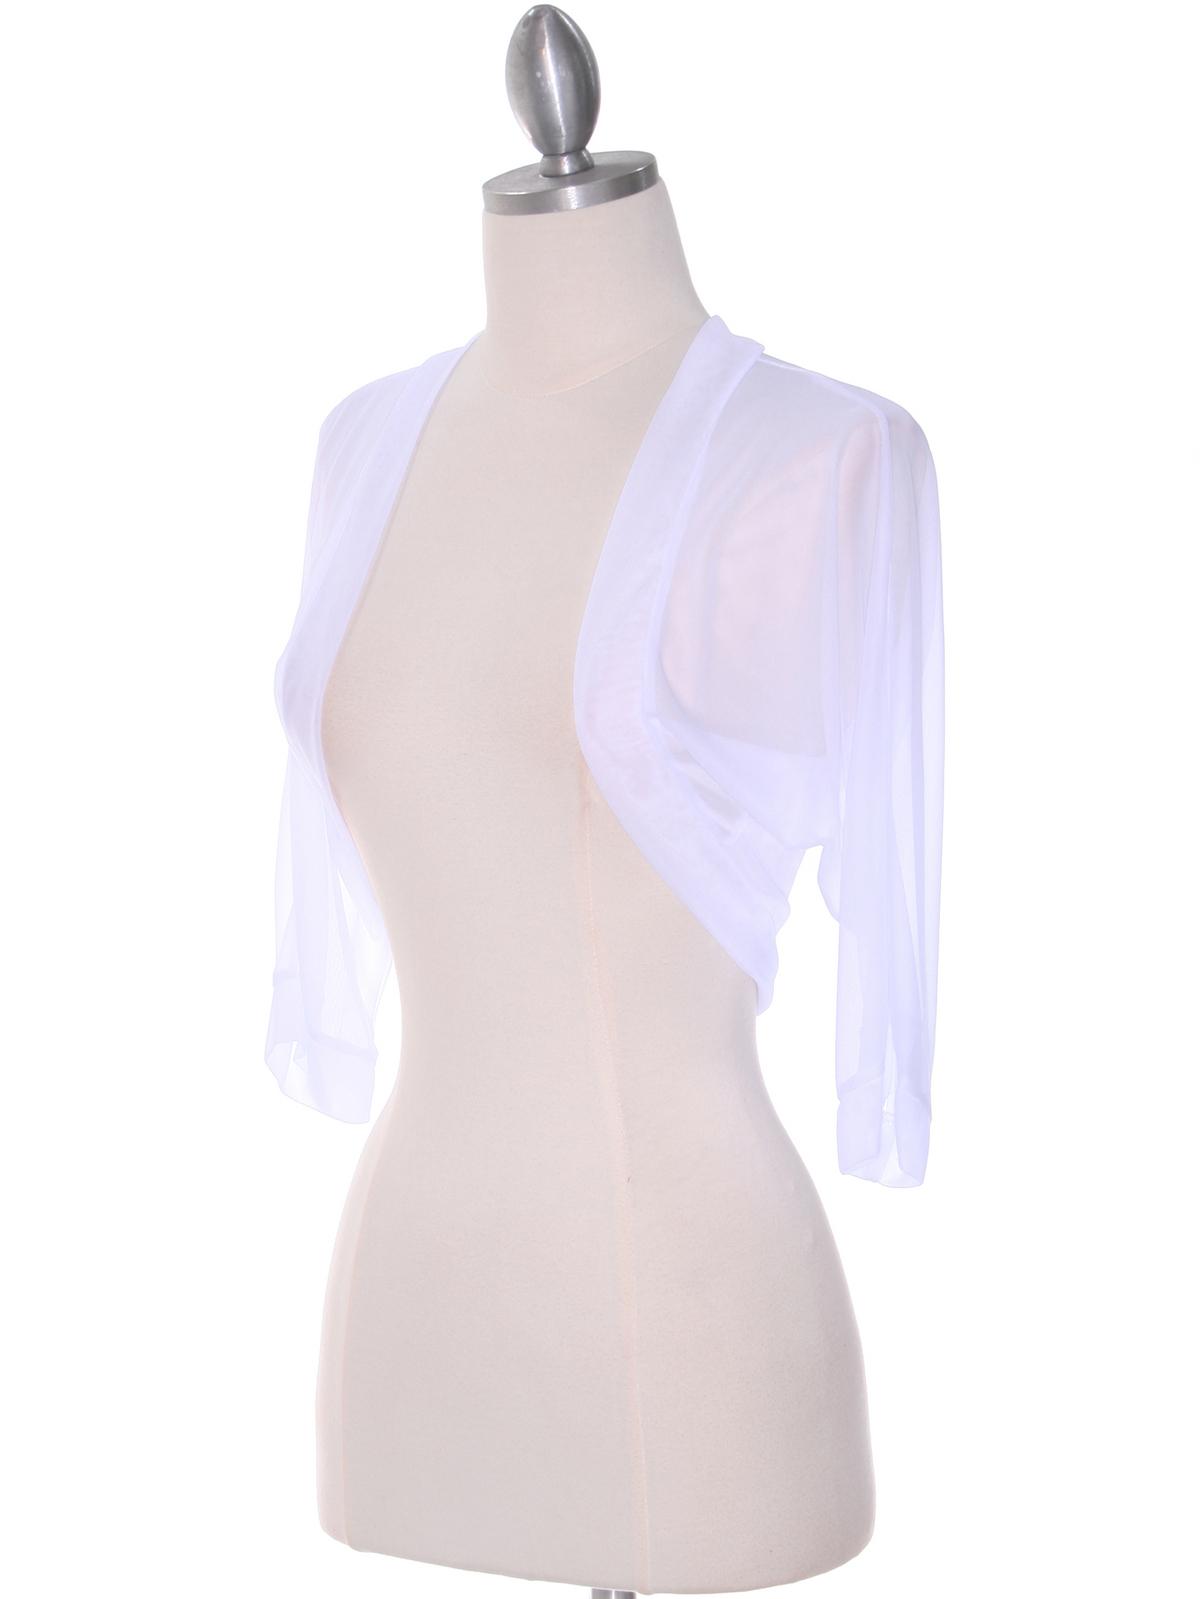 White Bolero Jacket Sung Boutique L A